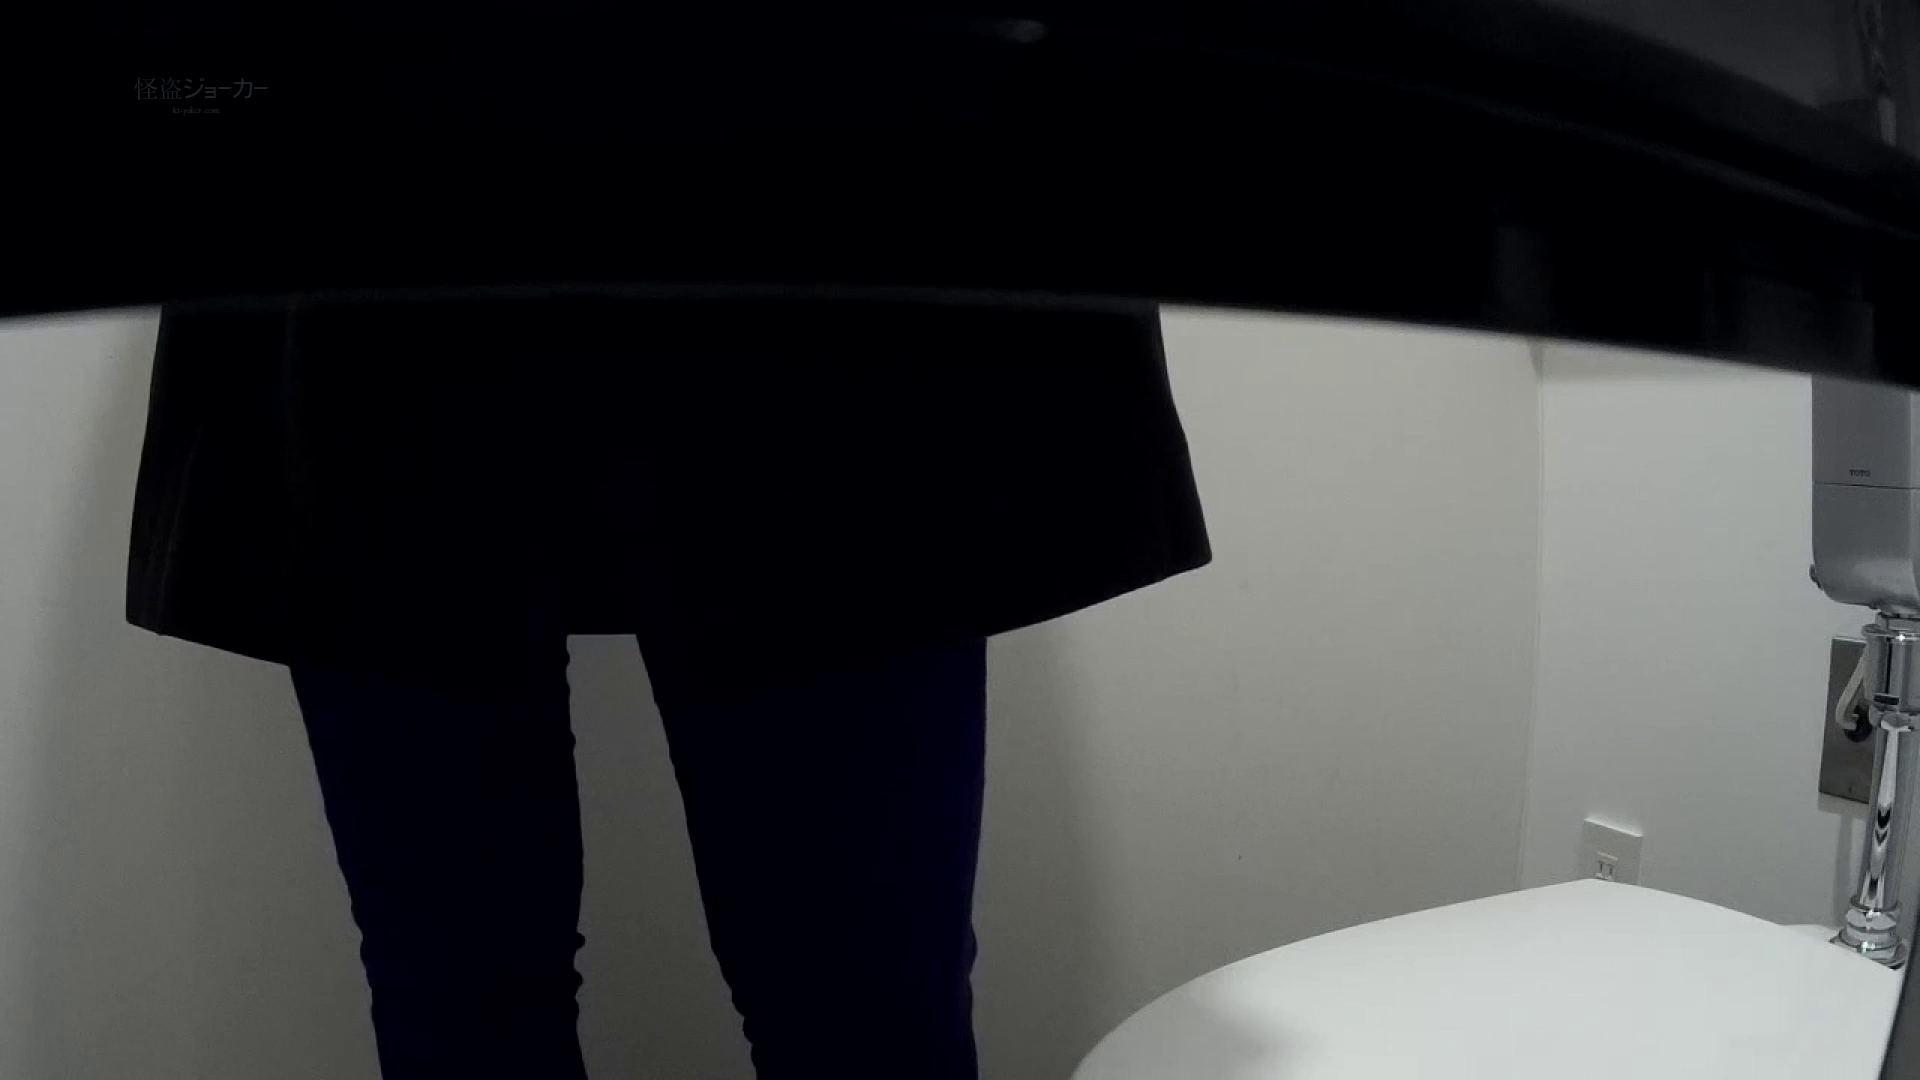 有名大学女性洗面所 vol.56 集まれもこもこ冬服美女!! 和式 AV無料動画キャプチャ 104PIX 54